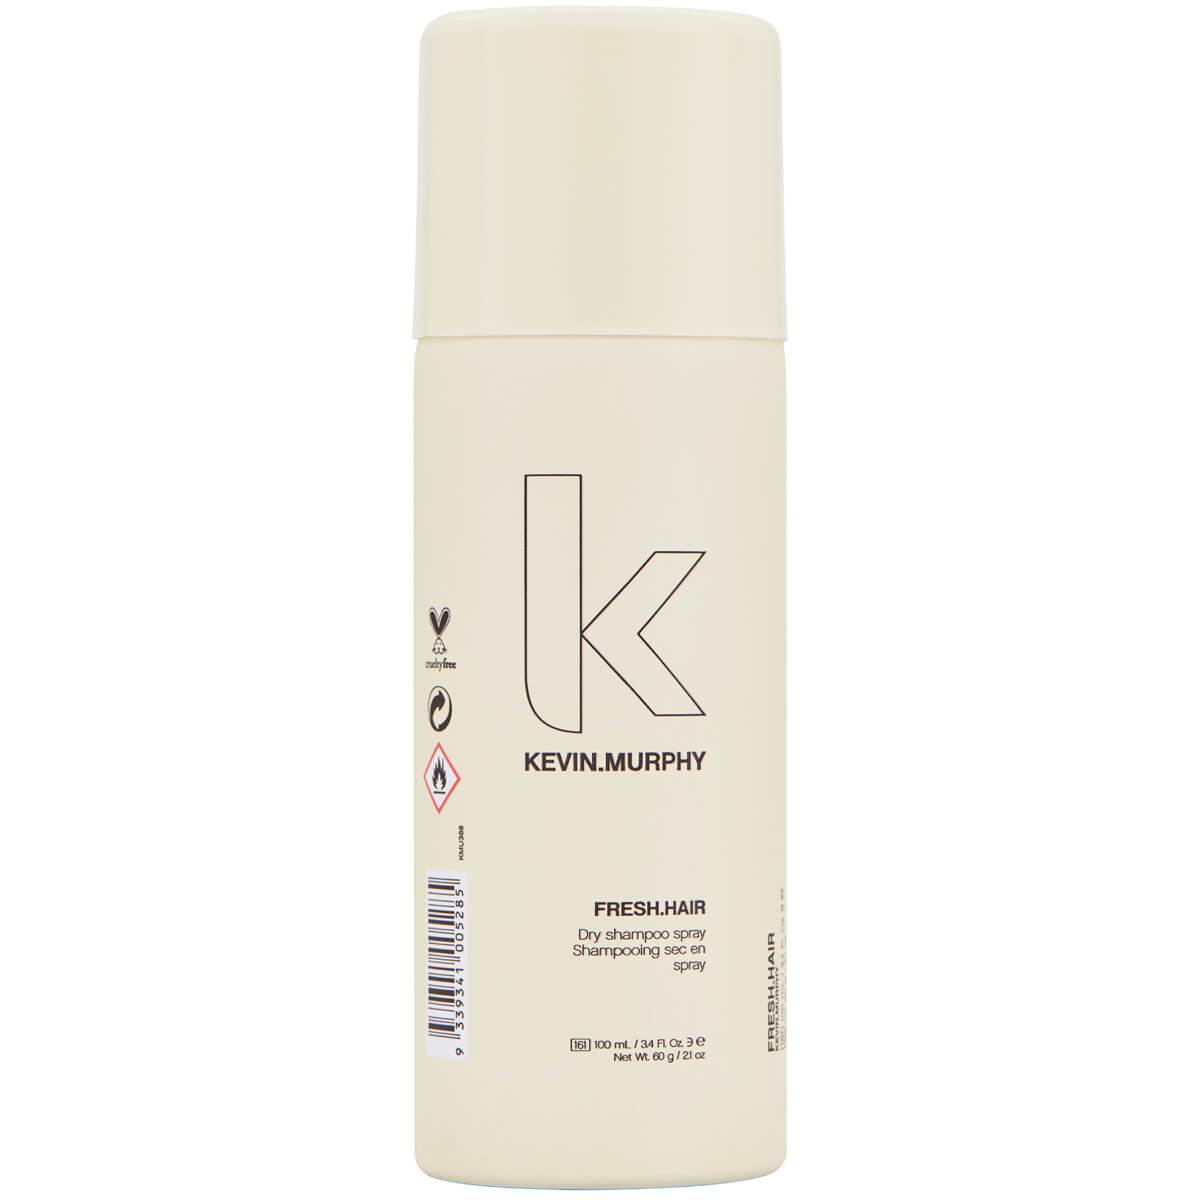 Ultramoderne Kevin Murphy Fresh Hair | Fri frakt & låga priser | Bangerhead KI-99